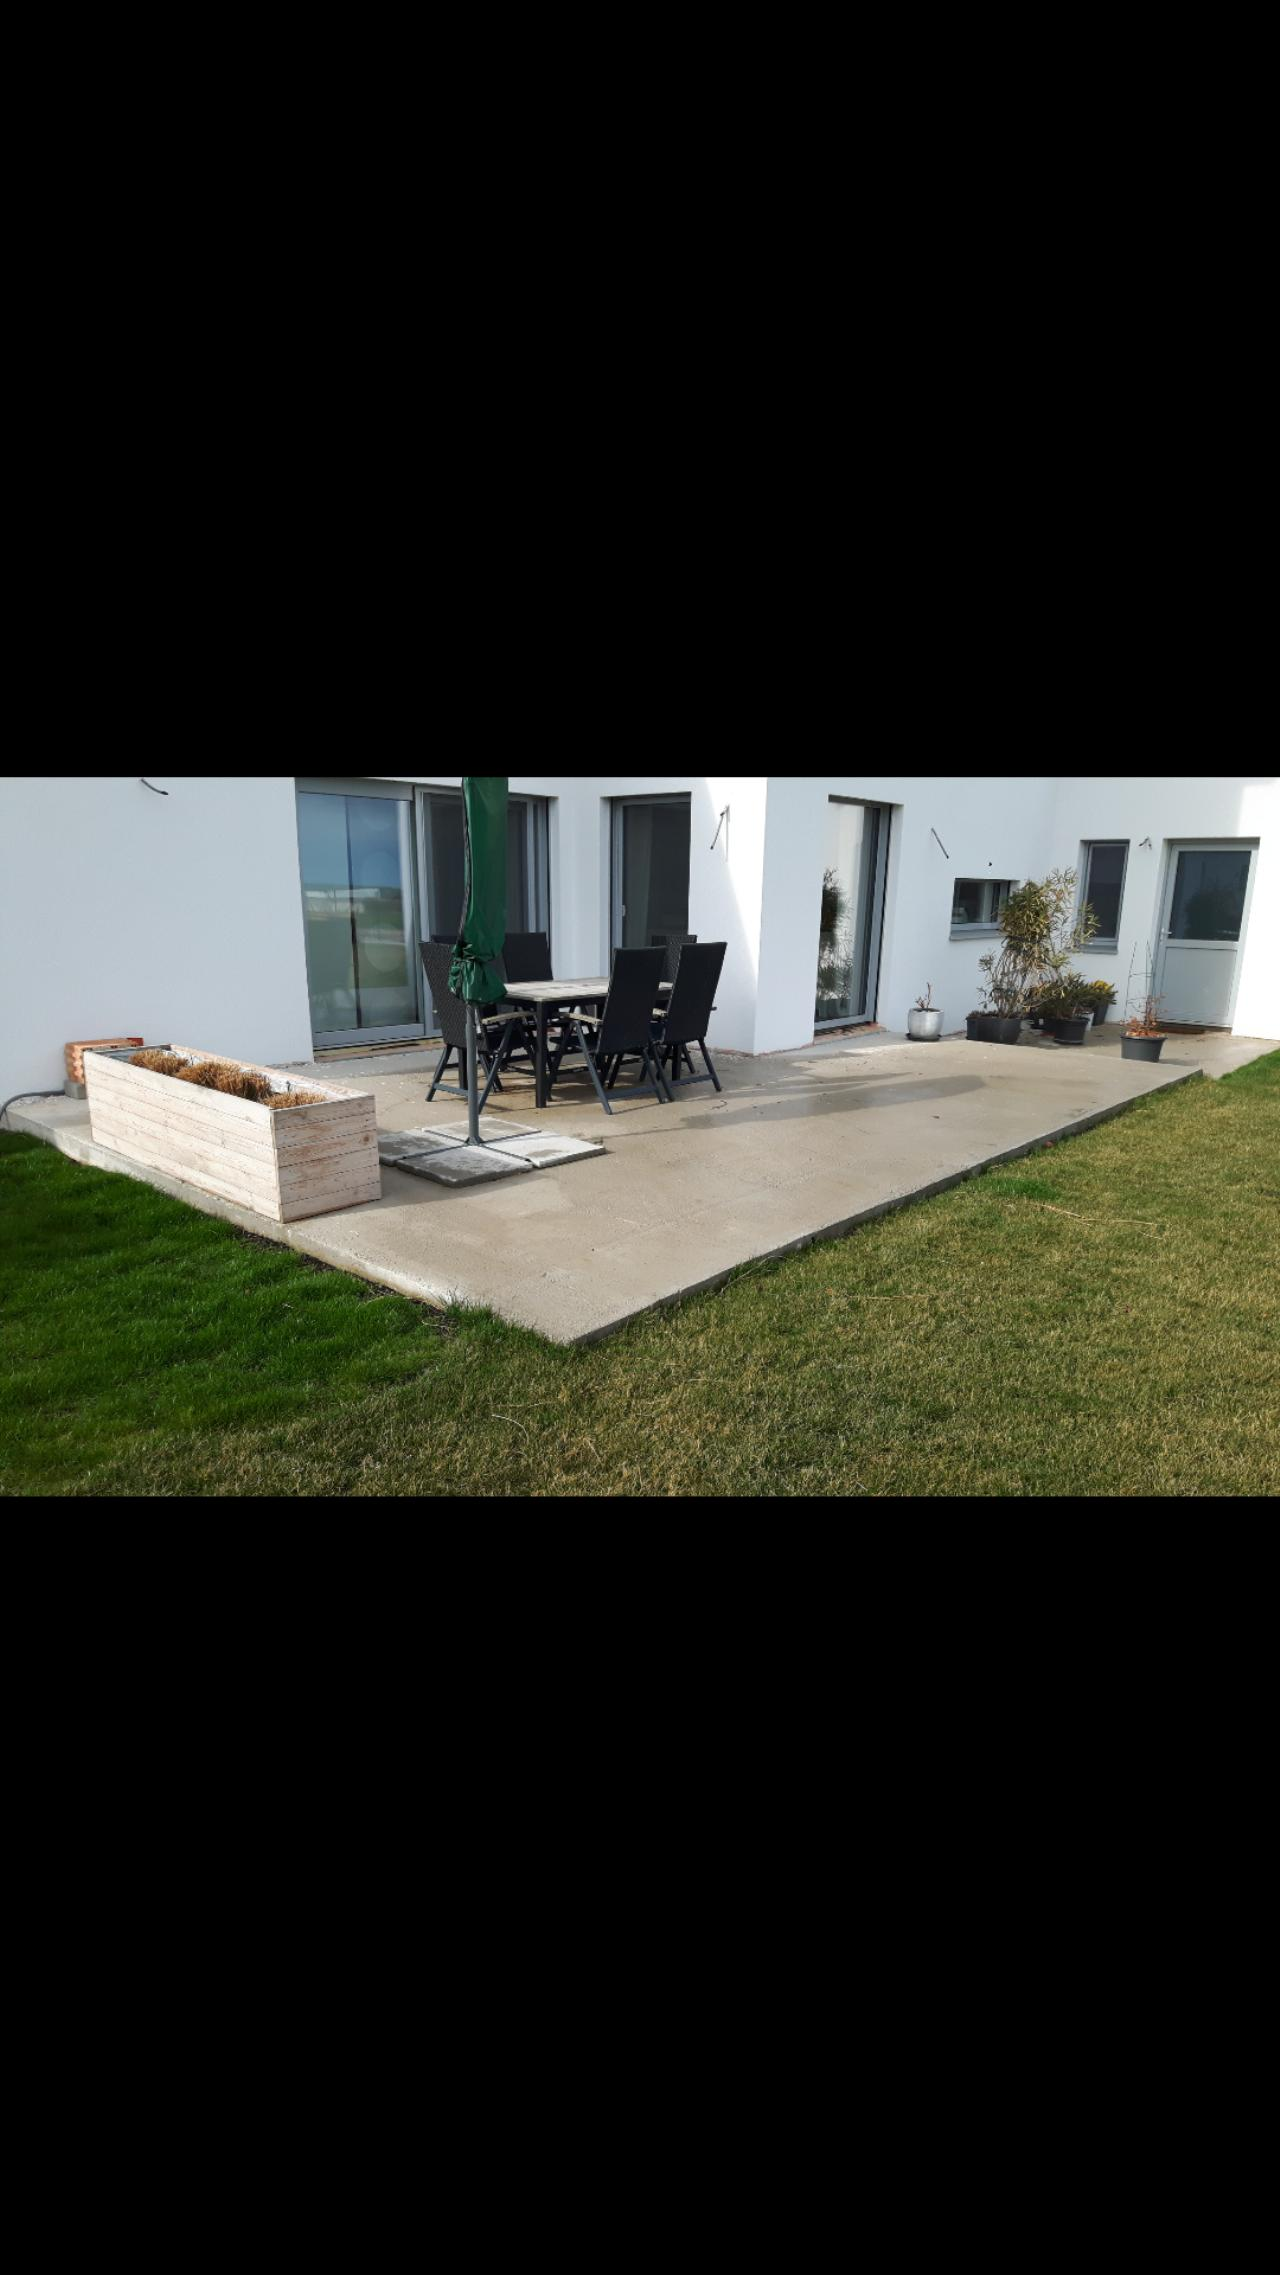 Bepflanzung terrasse seite 2 gartenforum auf for Bepflanzung terrasse